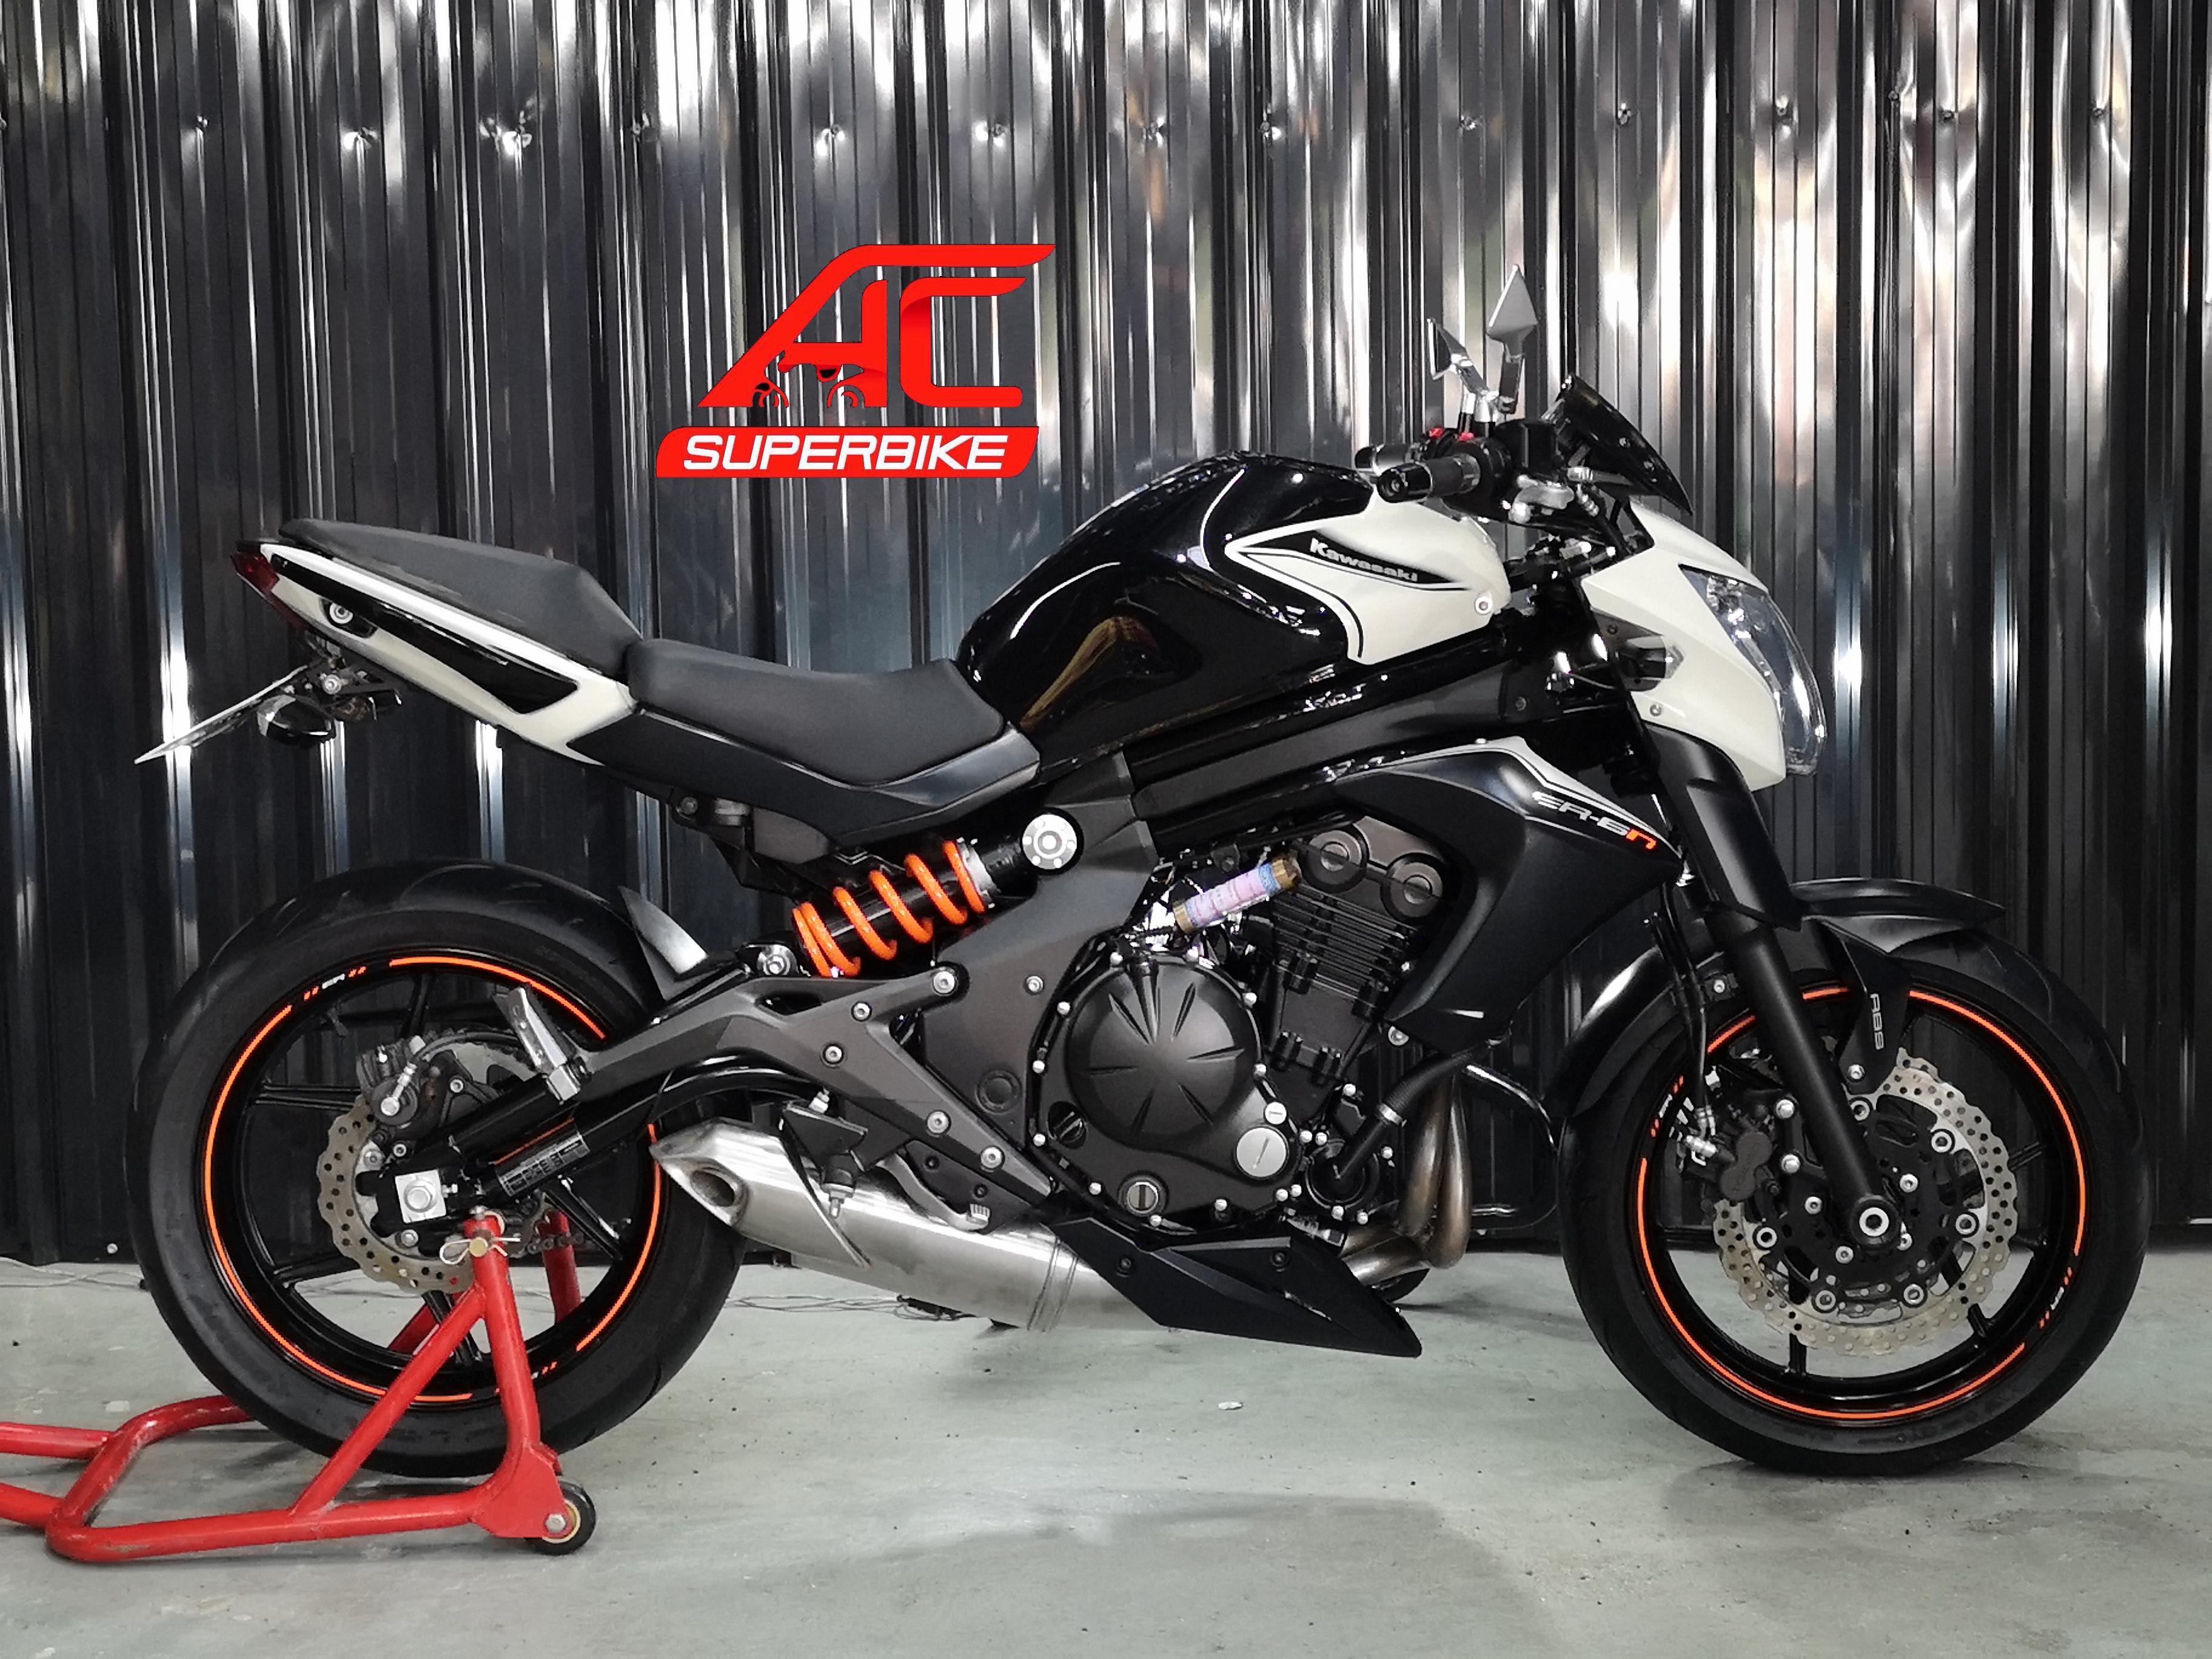 ER6N ABS สีขาว-ดำ (ปิดการขาย)